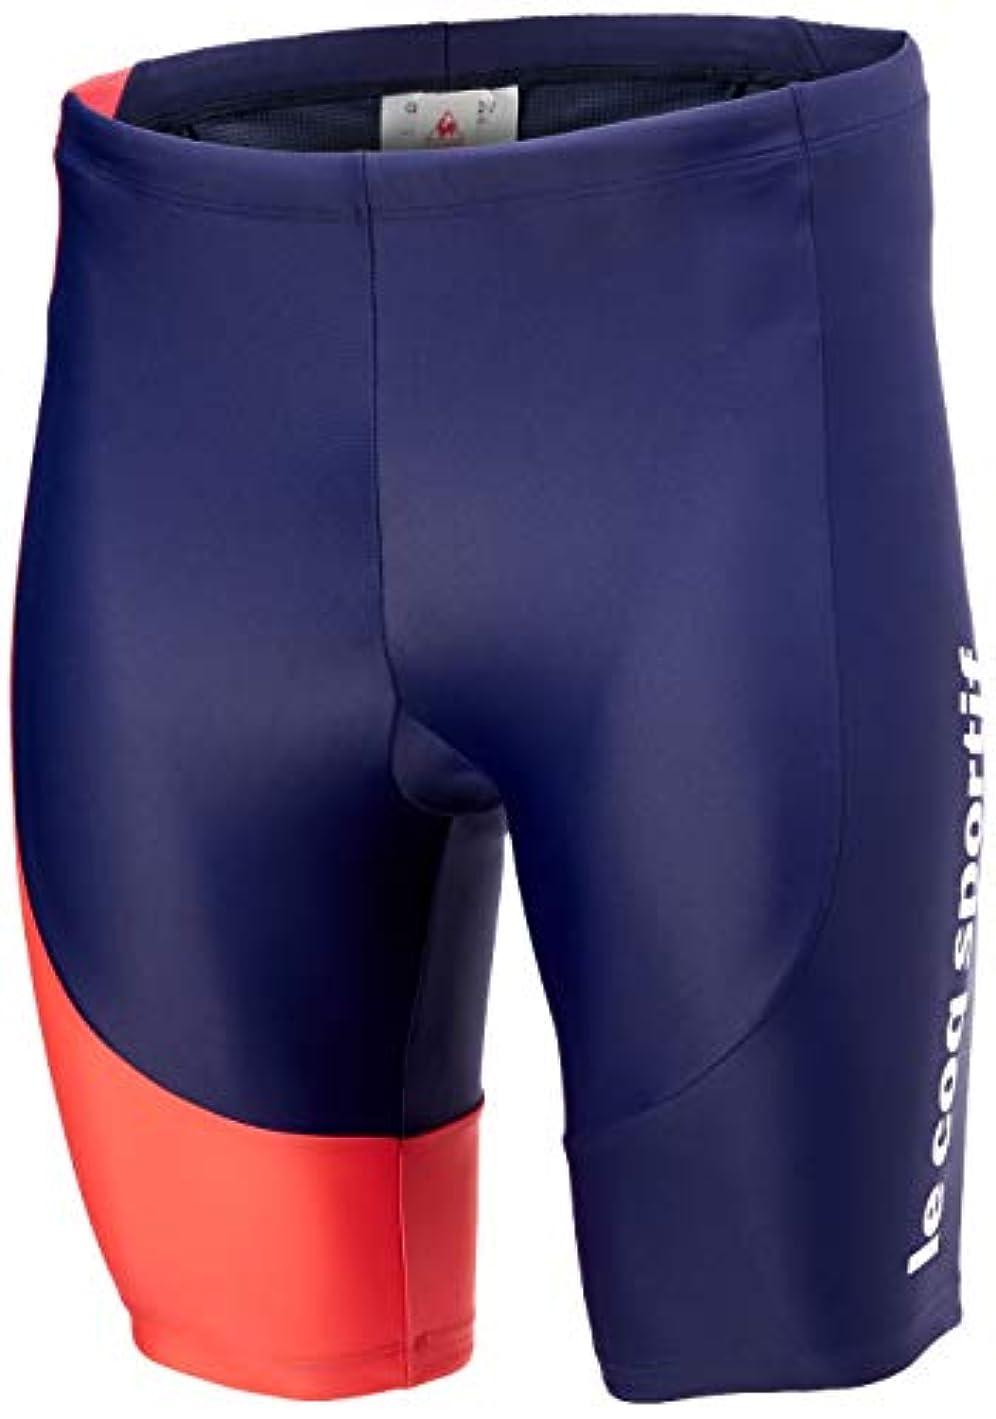 減少海洋の招待[ルコックスポルティフ] ショートパンツ/Short Pants サイクリングパッド,再帰反射,UPF50+